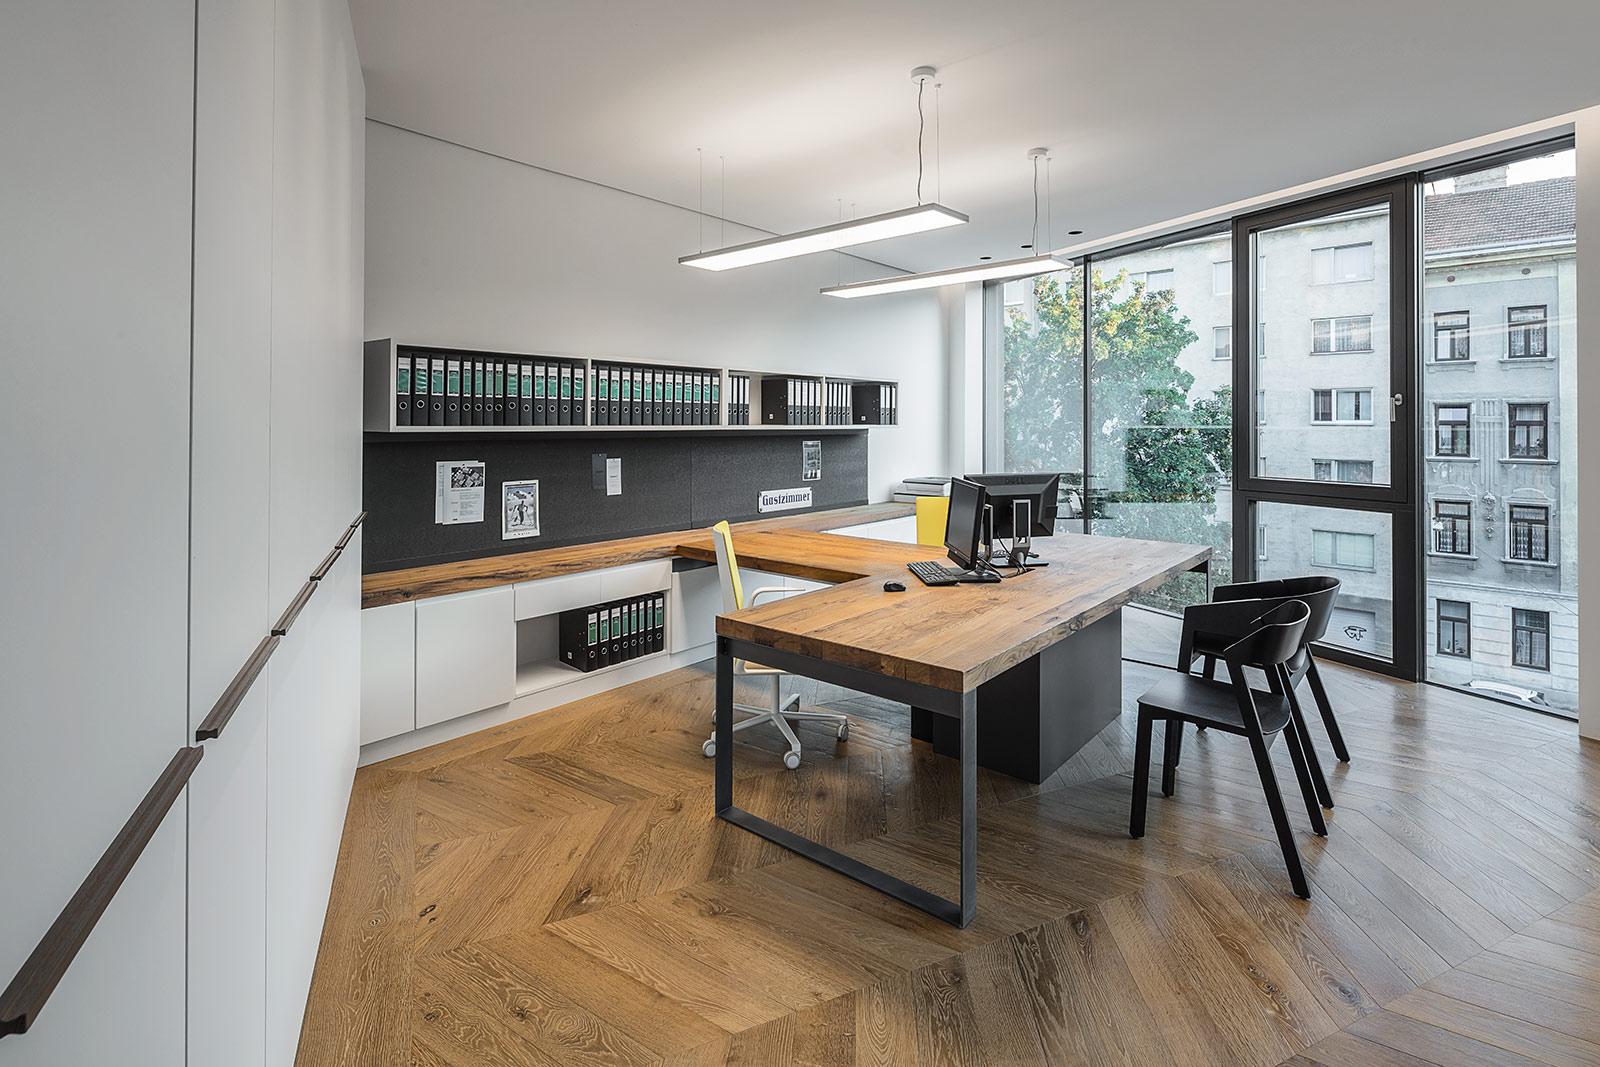 Architektur und Innenarchitektur Fotograf, Innenaufnahme Büro, Fotograf für Inneneinrichtung